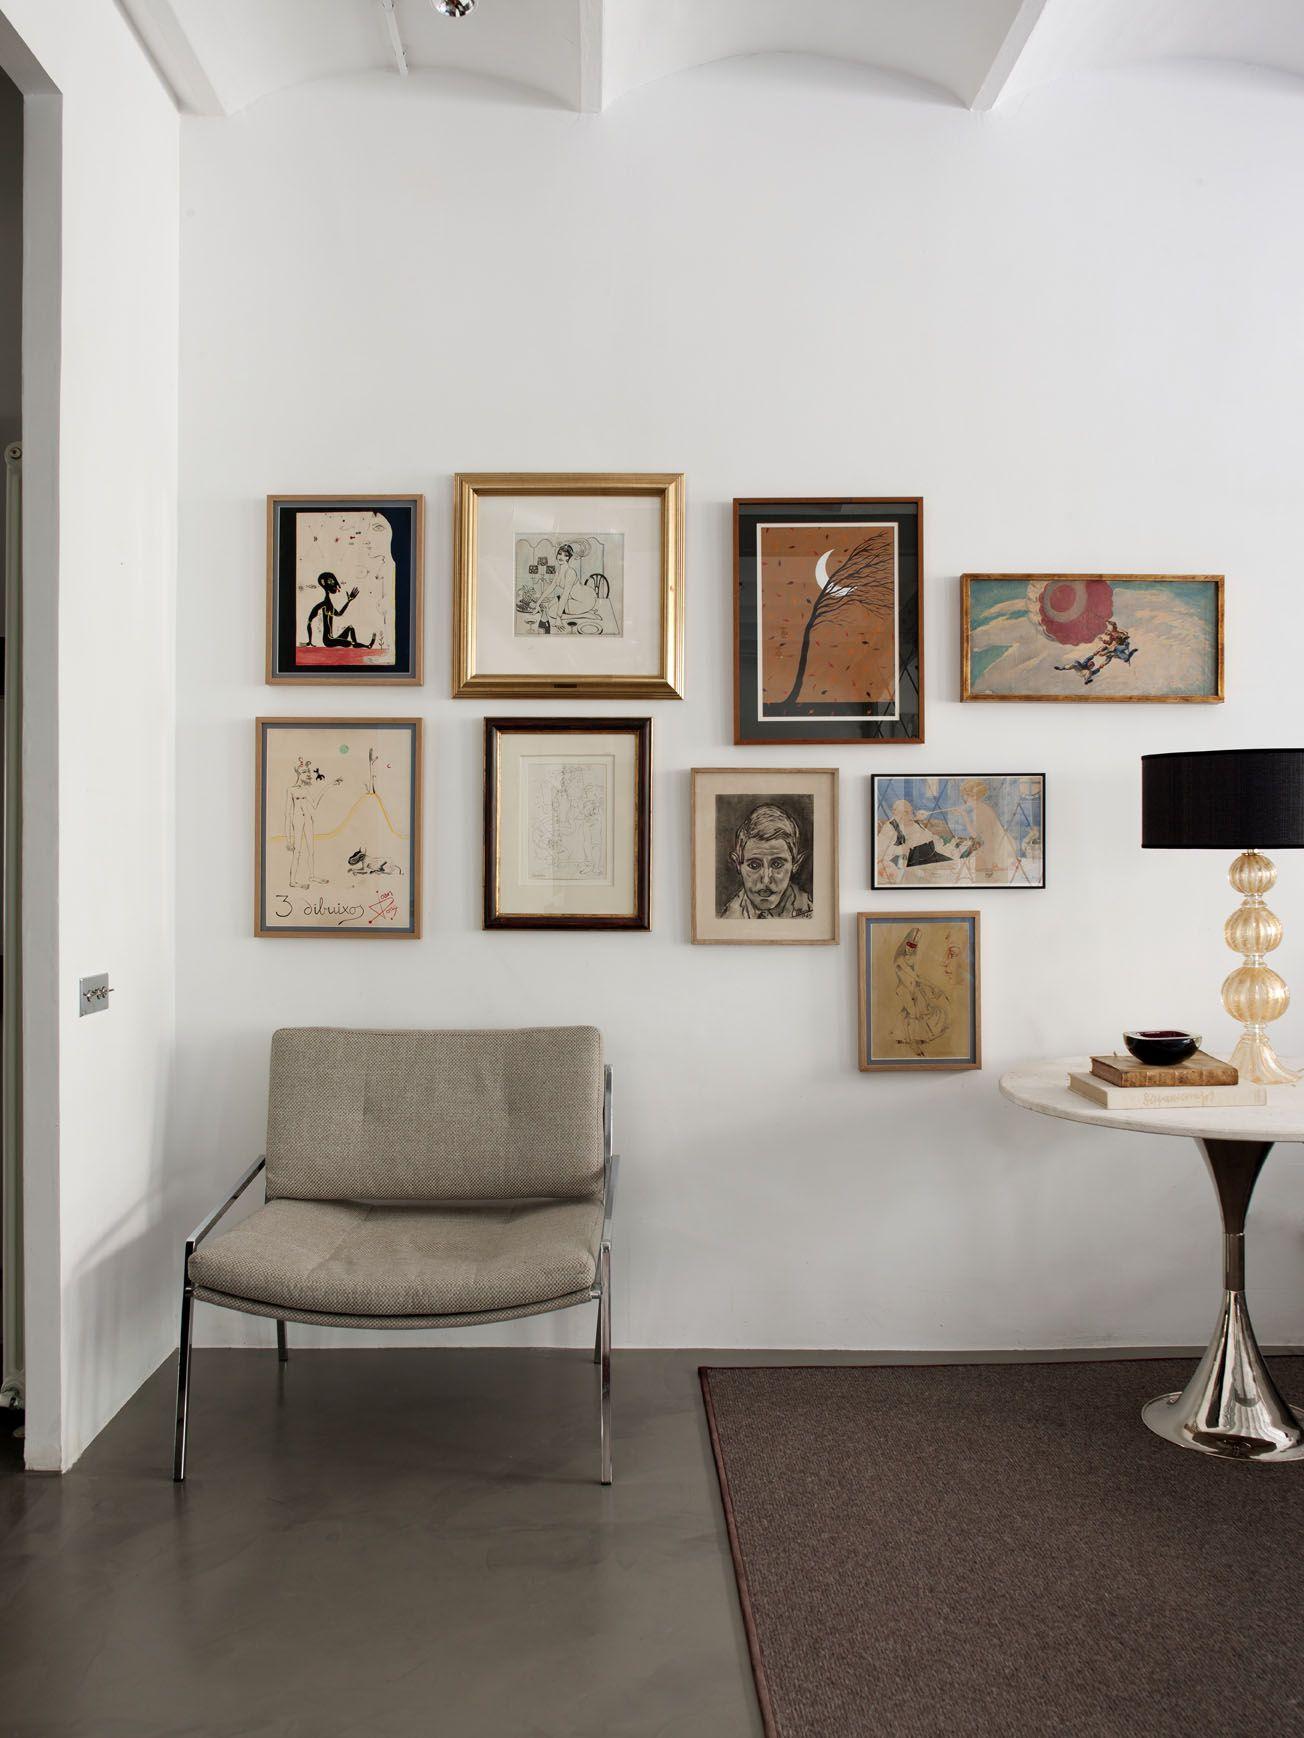 Isabel L Pez Quesada Projects Art And Photography Pinterest # Muebles Lopez Y Lopez